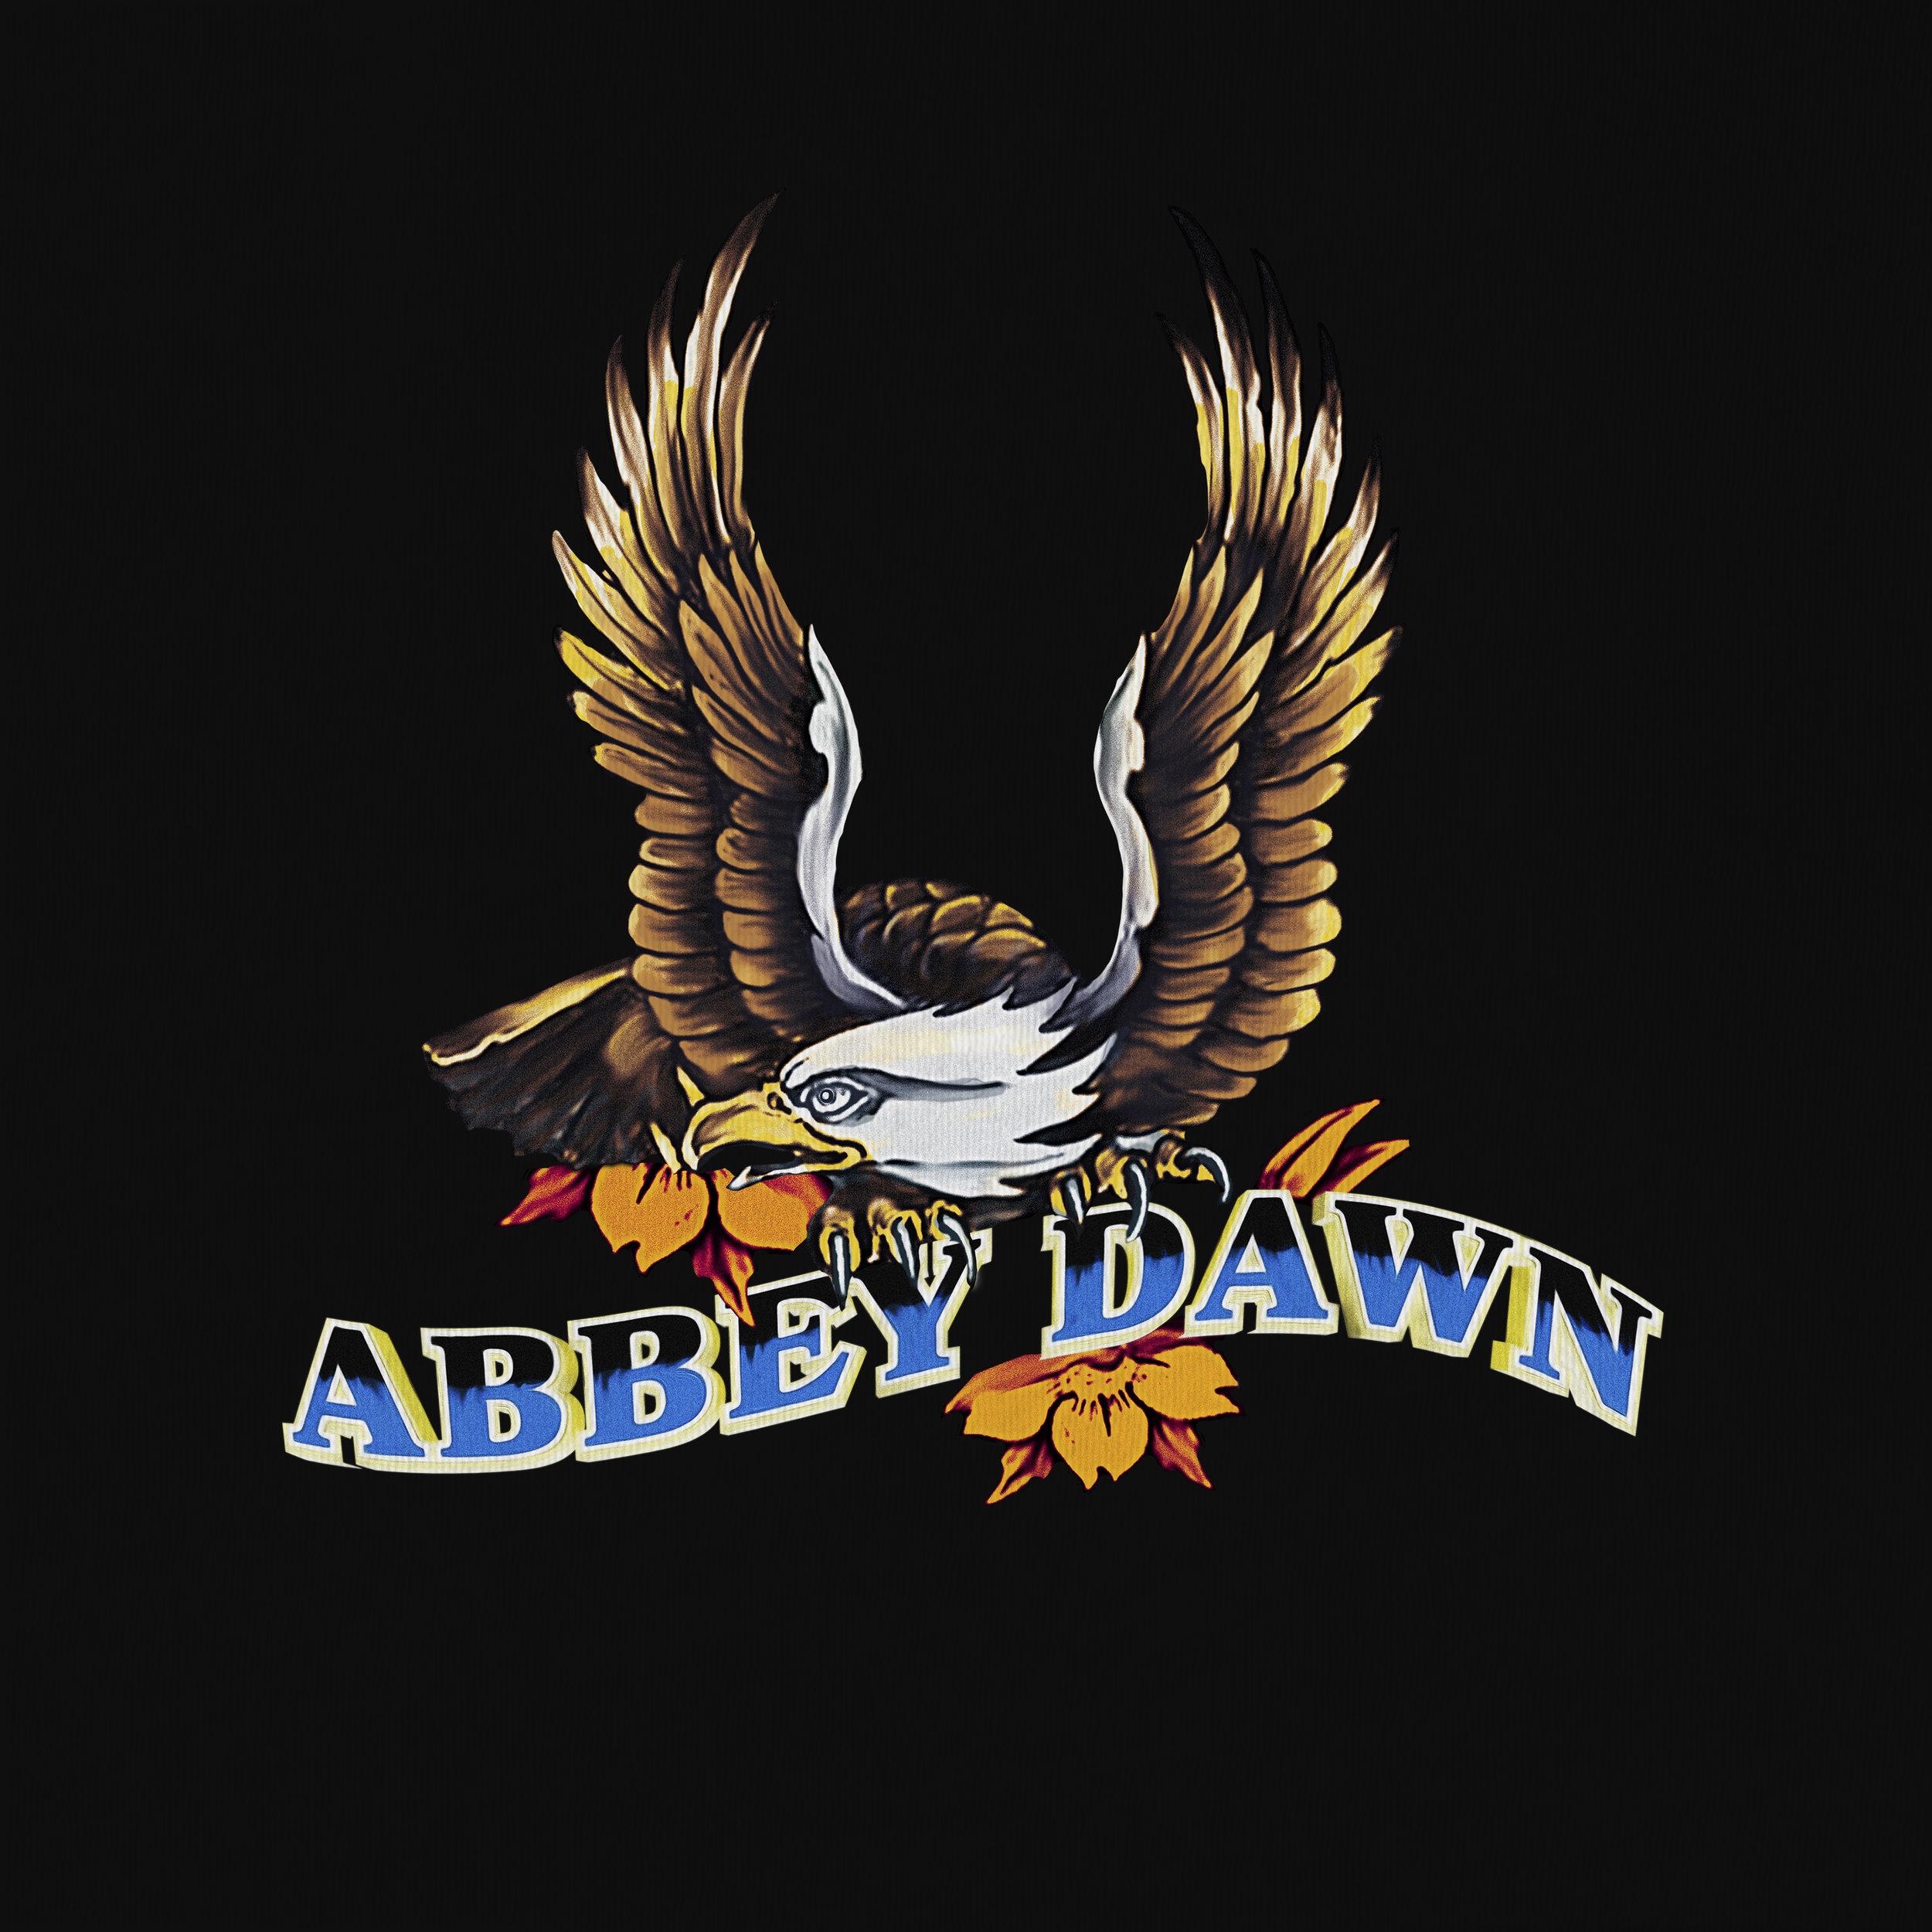 abbey-dawn-harley.jpg